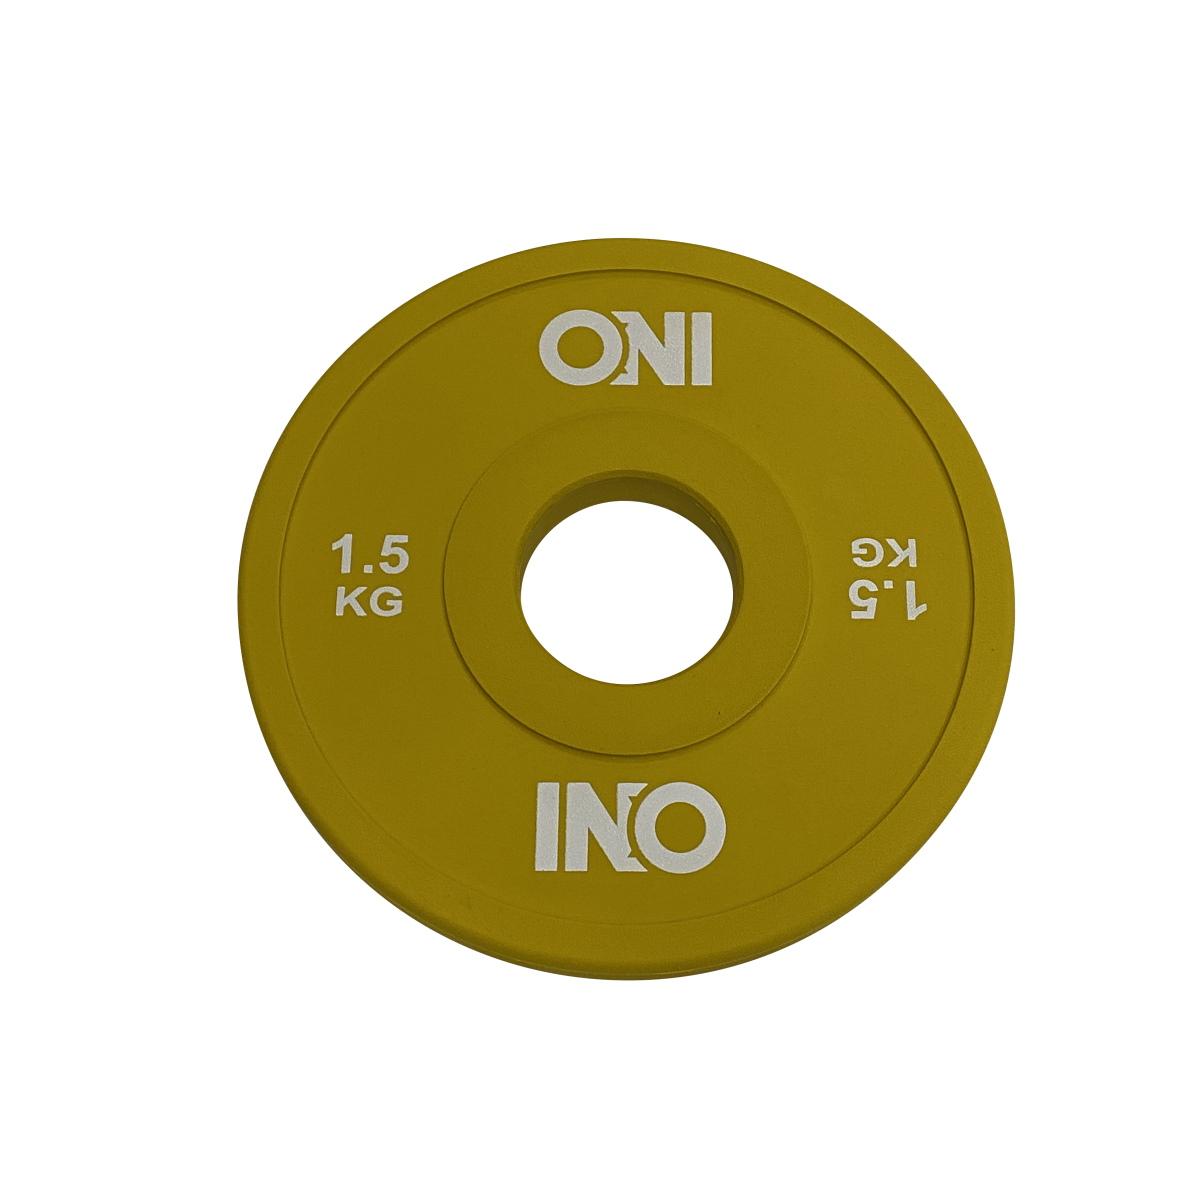 ONI チェンジプレート 5kg 2.5kg 1.25kg 0.5kg 2kg 1.5kg 1kg 2枚1セット 送料無料